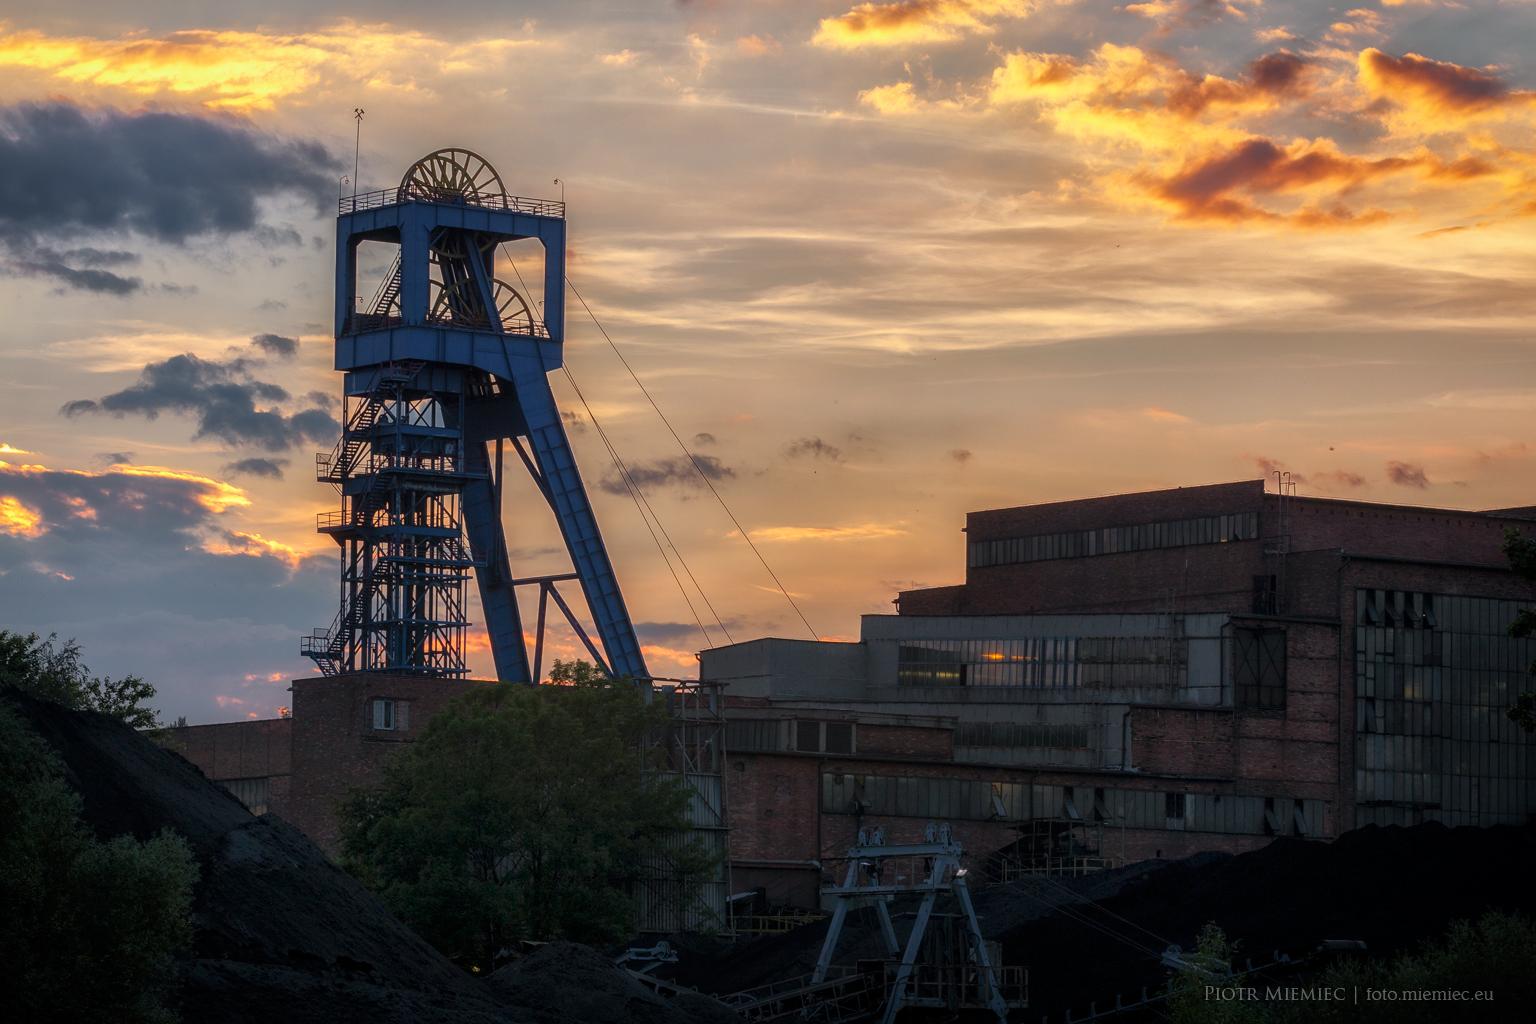 Kopalnia Węgla Kamiennego Piekary